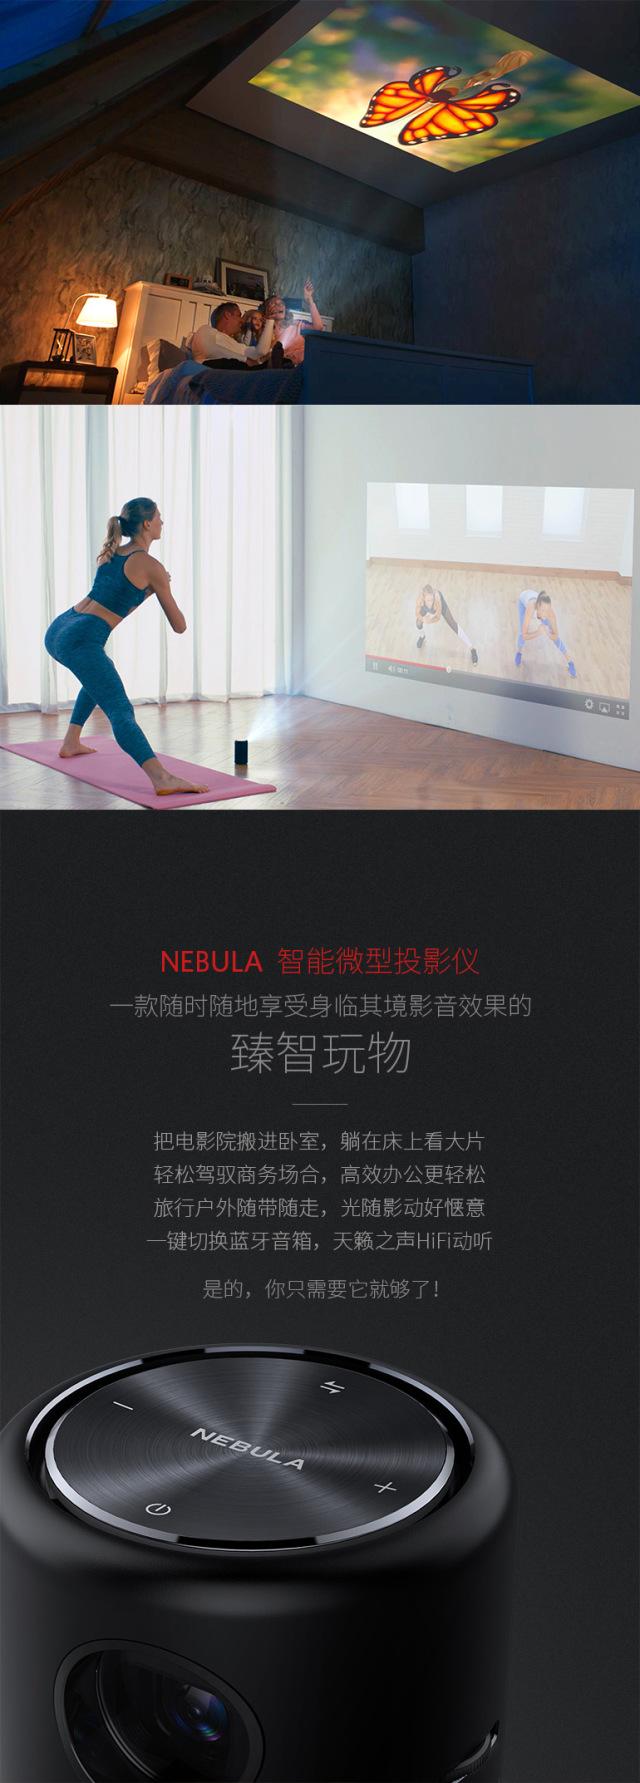 NEBULA微型投影仪